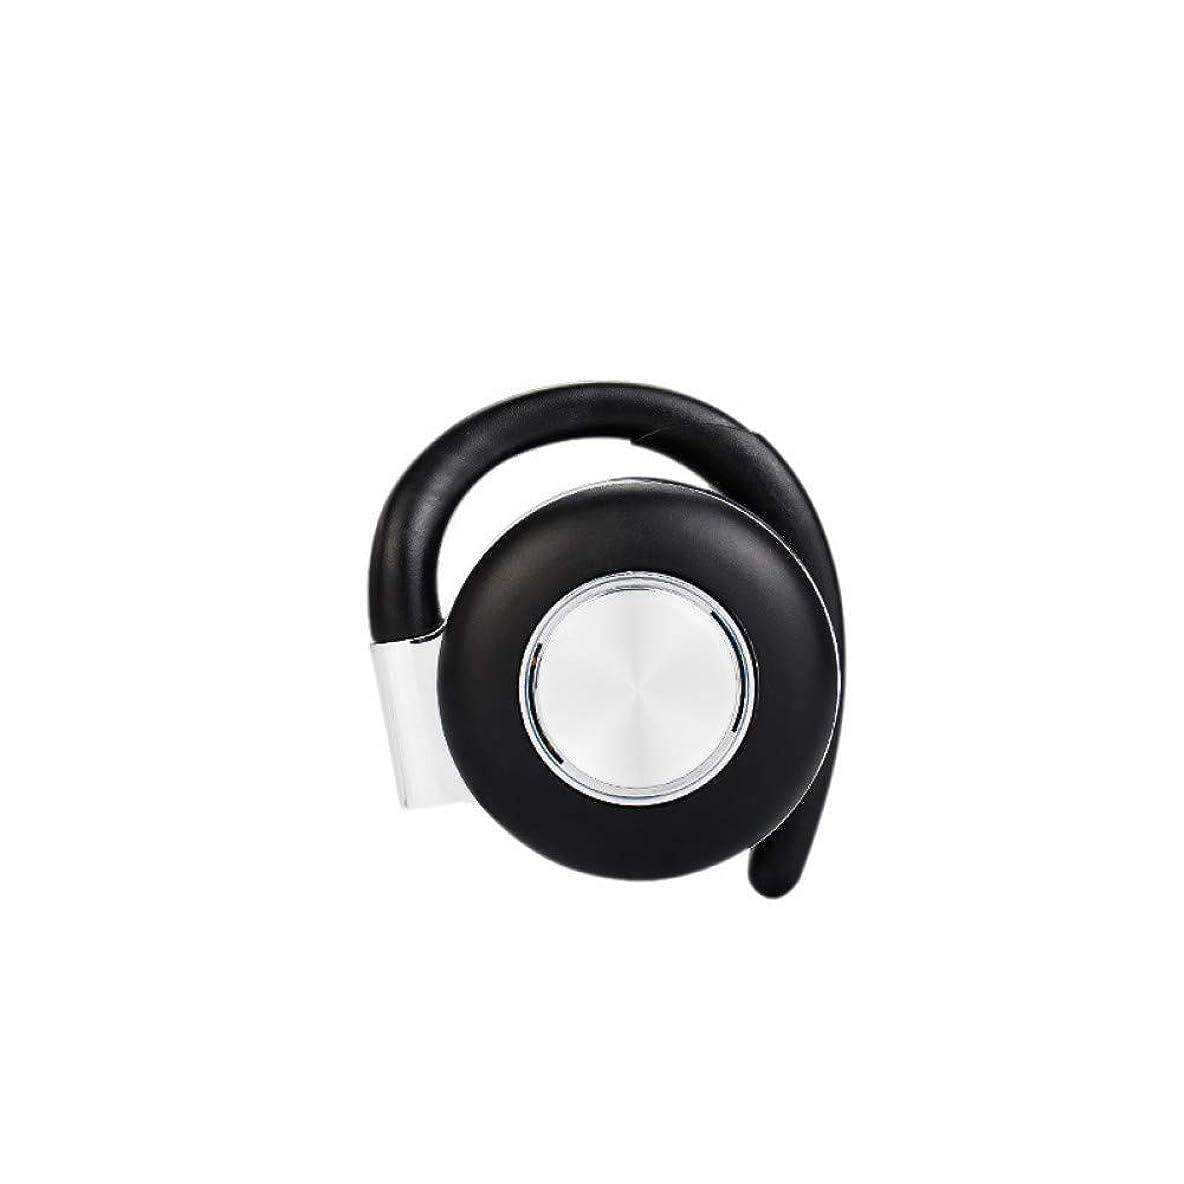 条件付きモディッシュビュッフェワイヤレスイヤホン Bluetooth 自動ペアリング超軽量 両耳 左右分離型 高音質 ipx7完全防水 bluetooth リモコン スポーツ イヤホン 自動電源ON/OFF 音量調整可能 シルバー